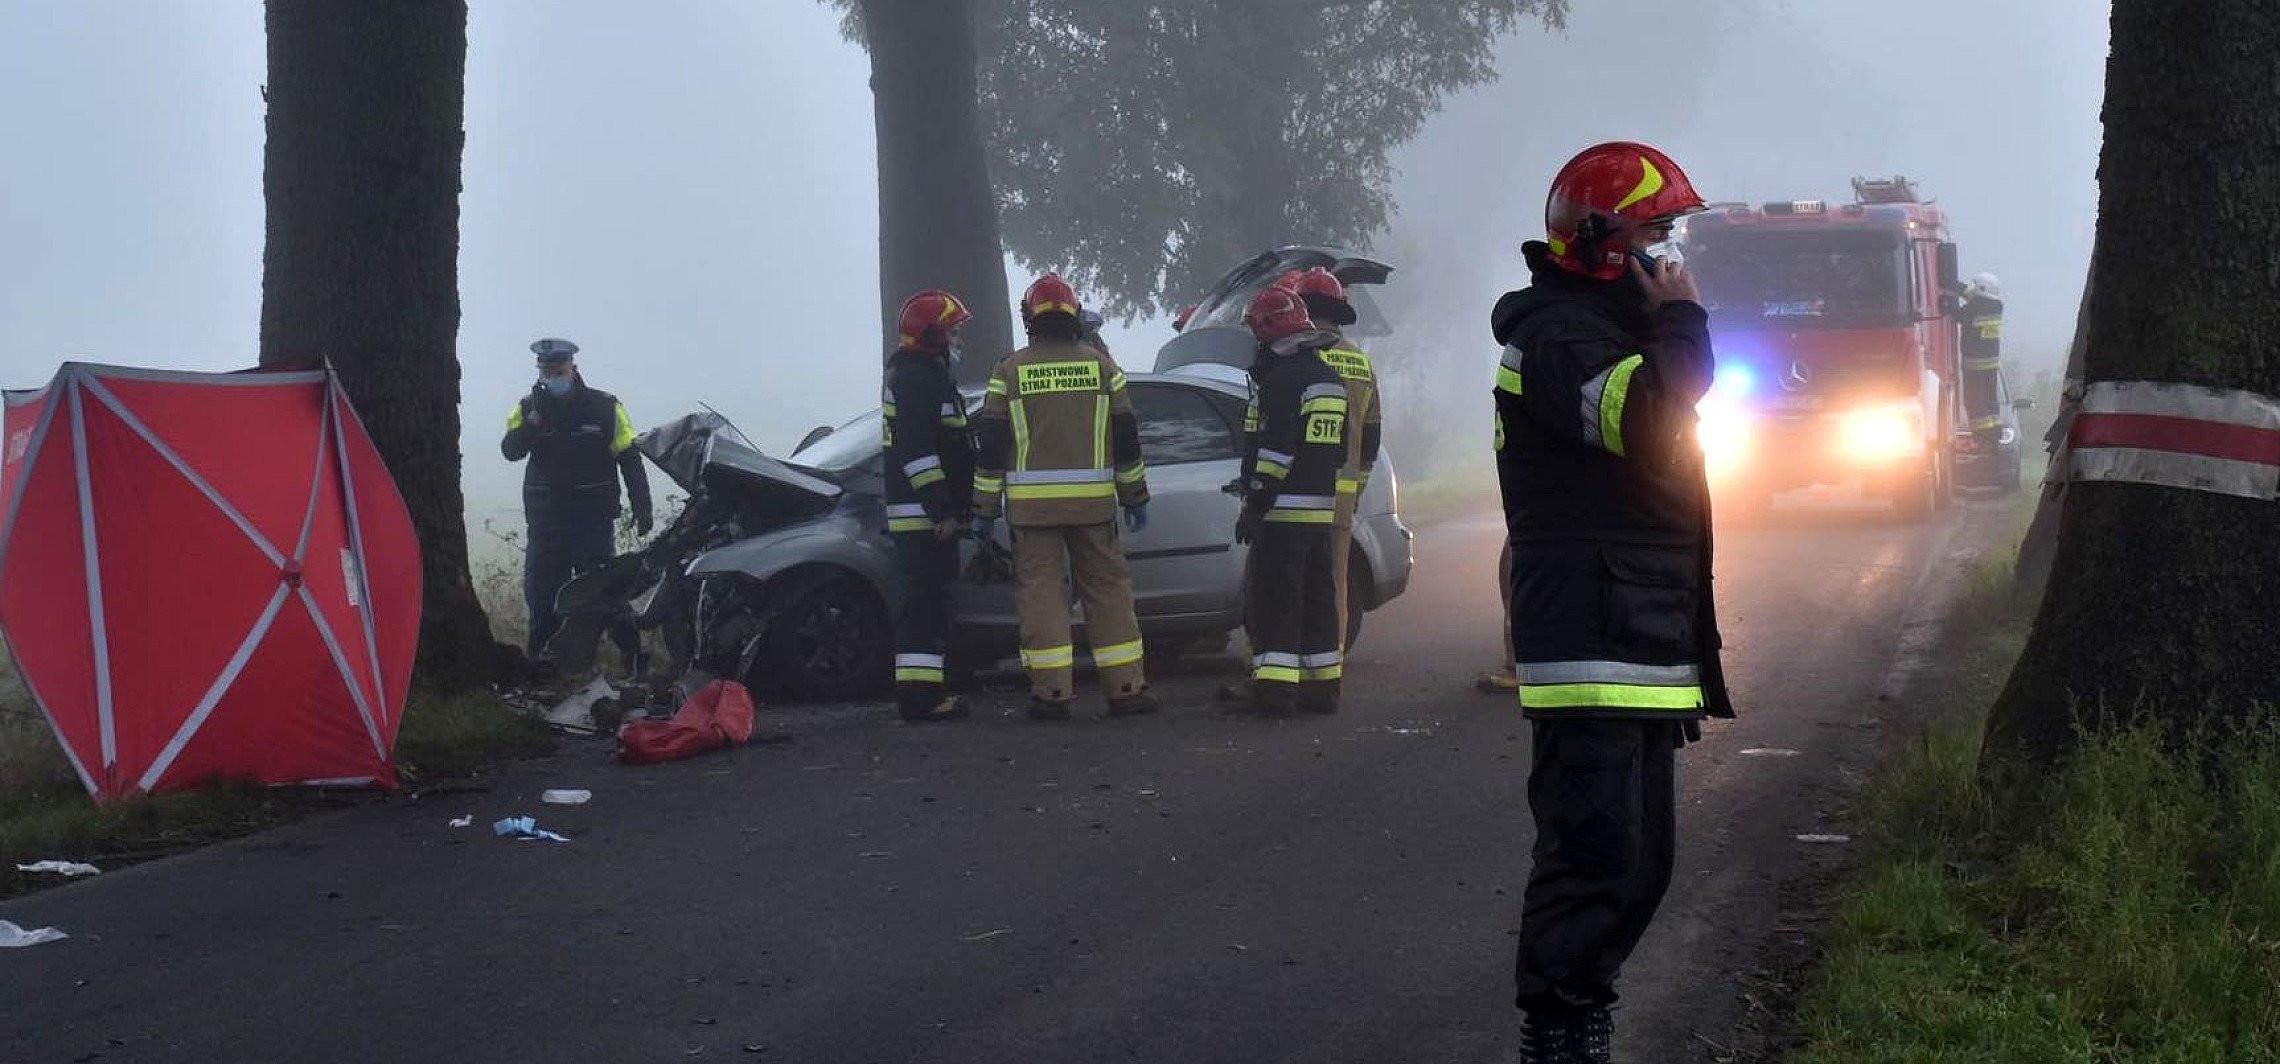 Inowrocław - Tragiczny wypadek w Orłowie